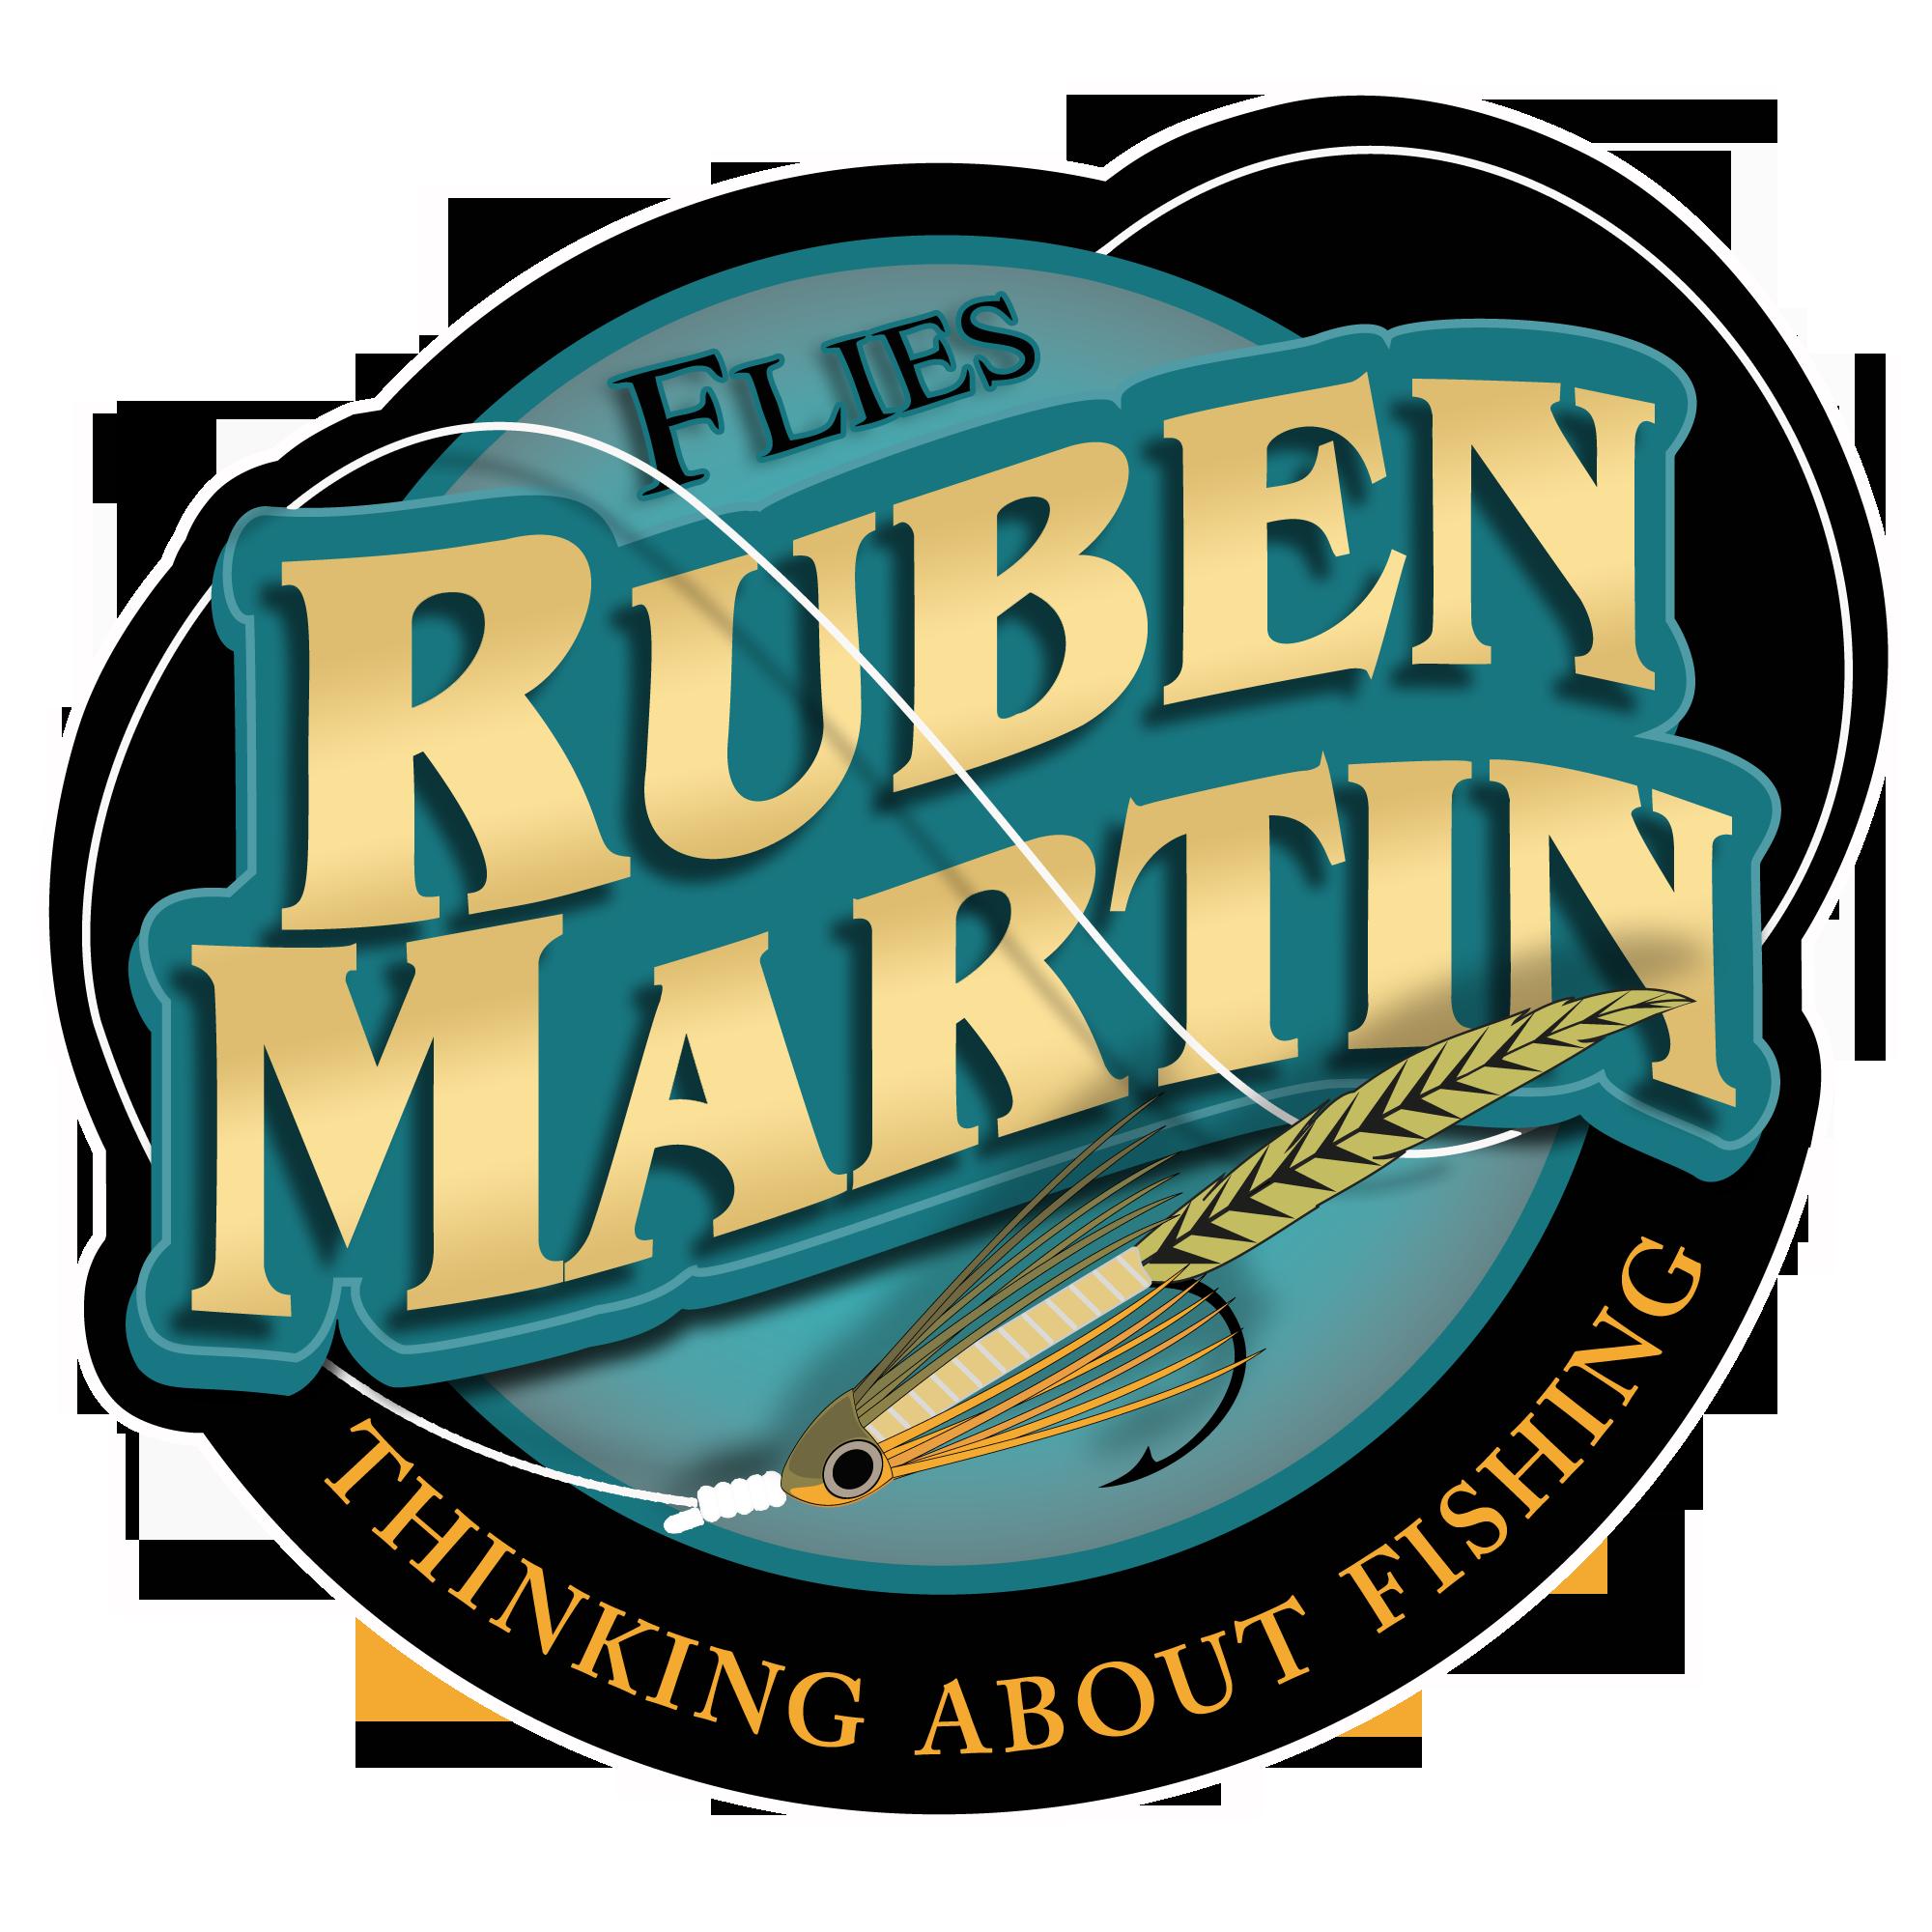 header logo de ruben martin